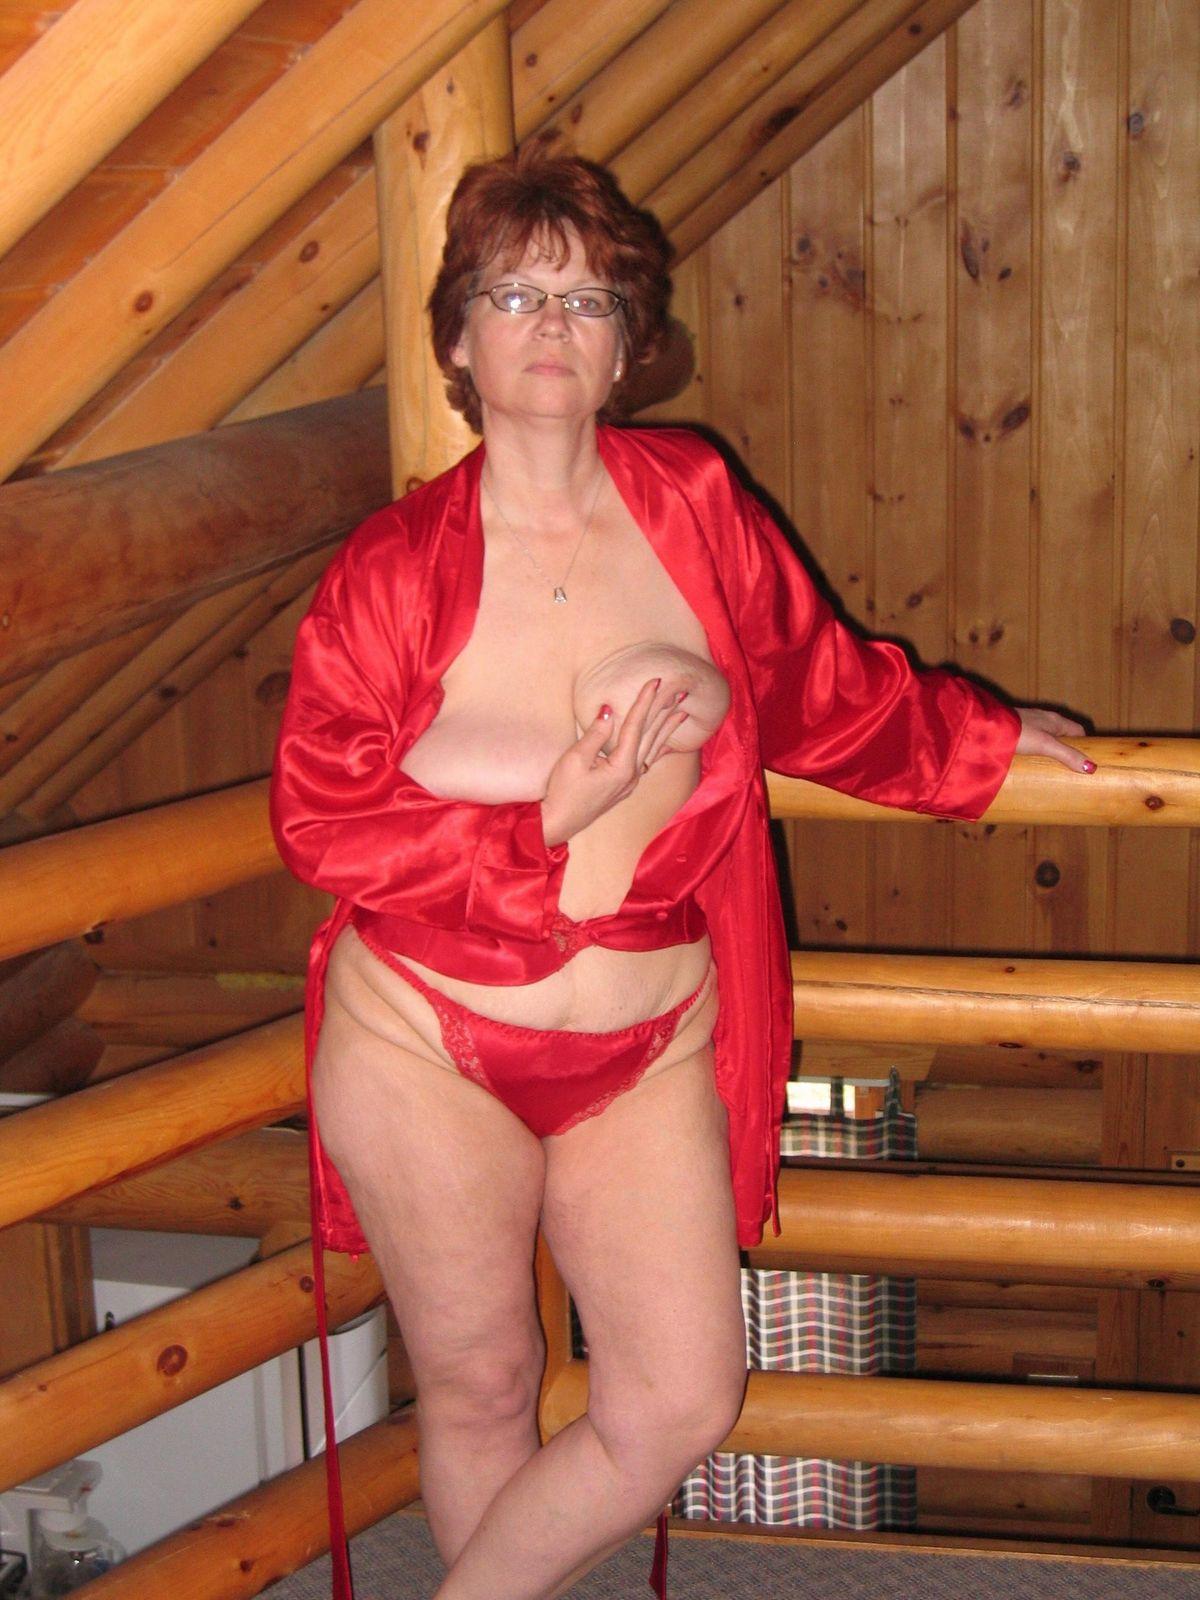 Зрелая деваха стягивает красный халатик, обнажив пухлое тело, и достала свой любимый вибратор